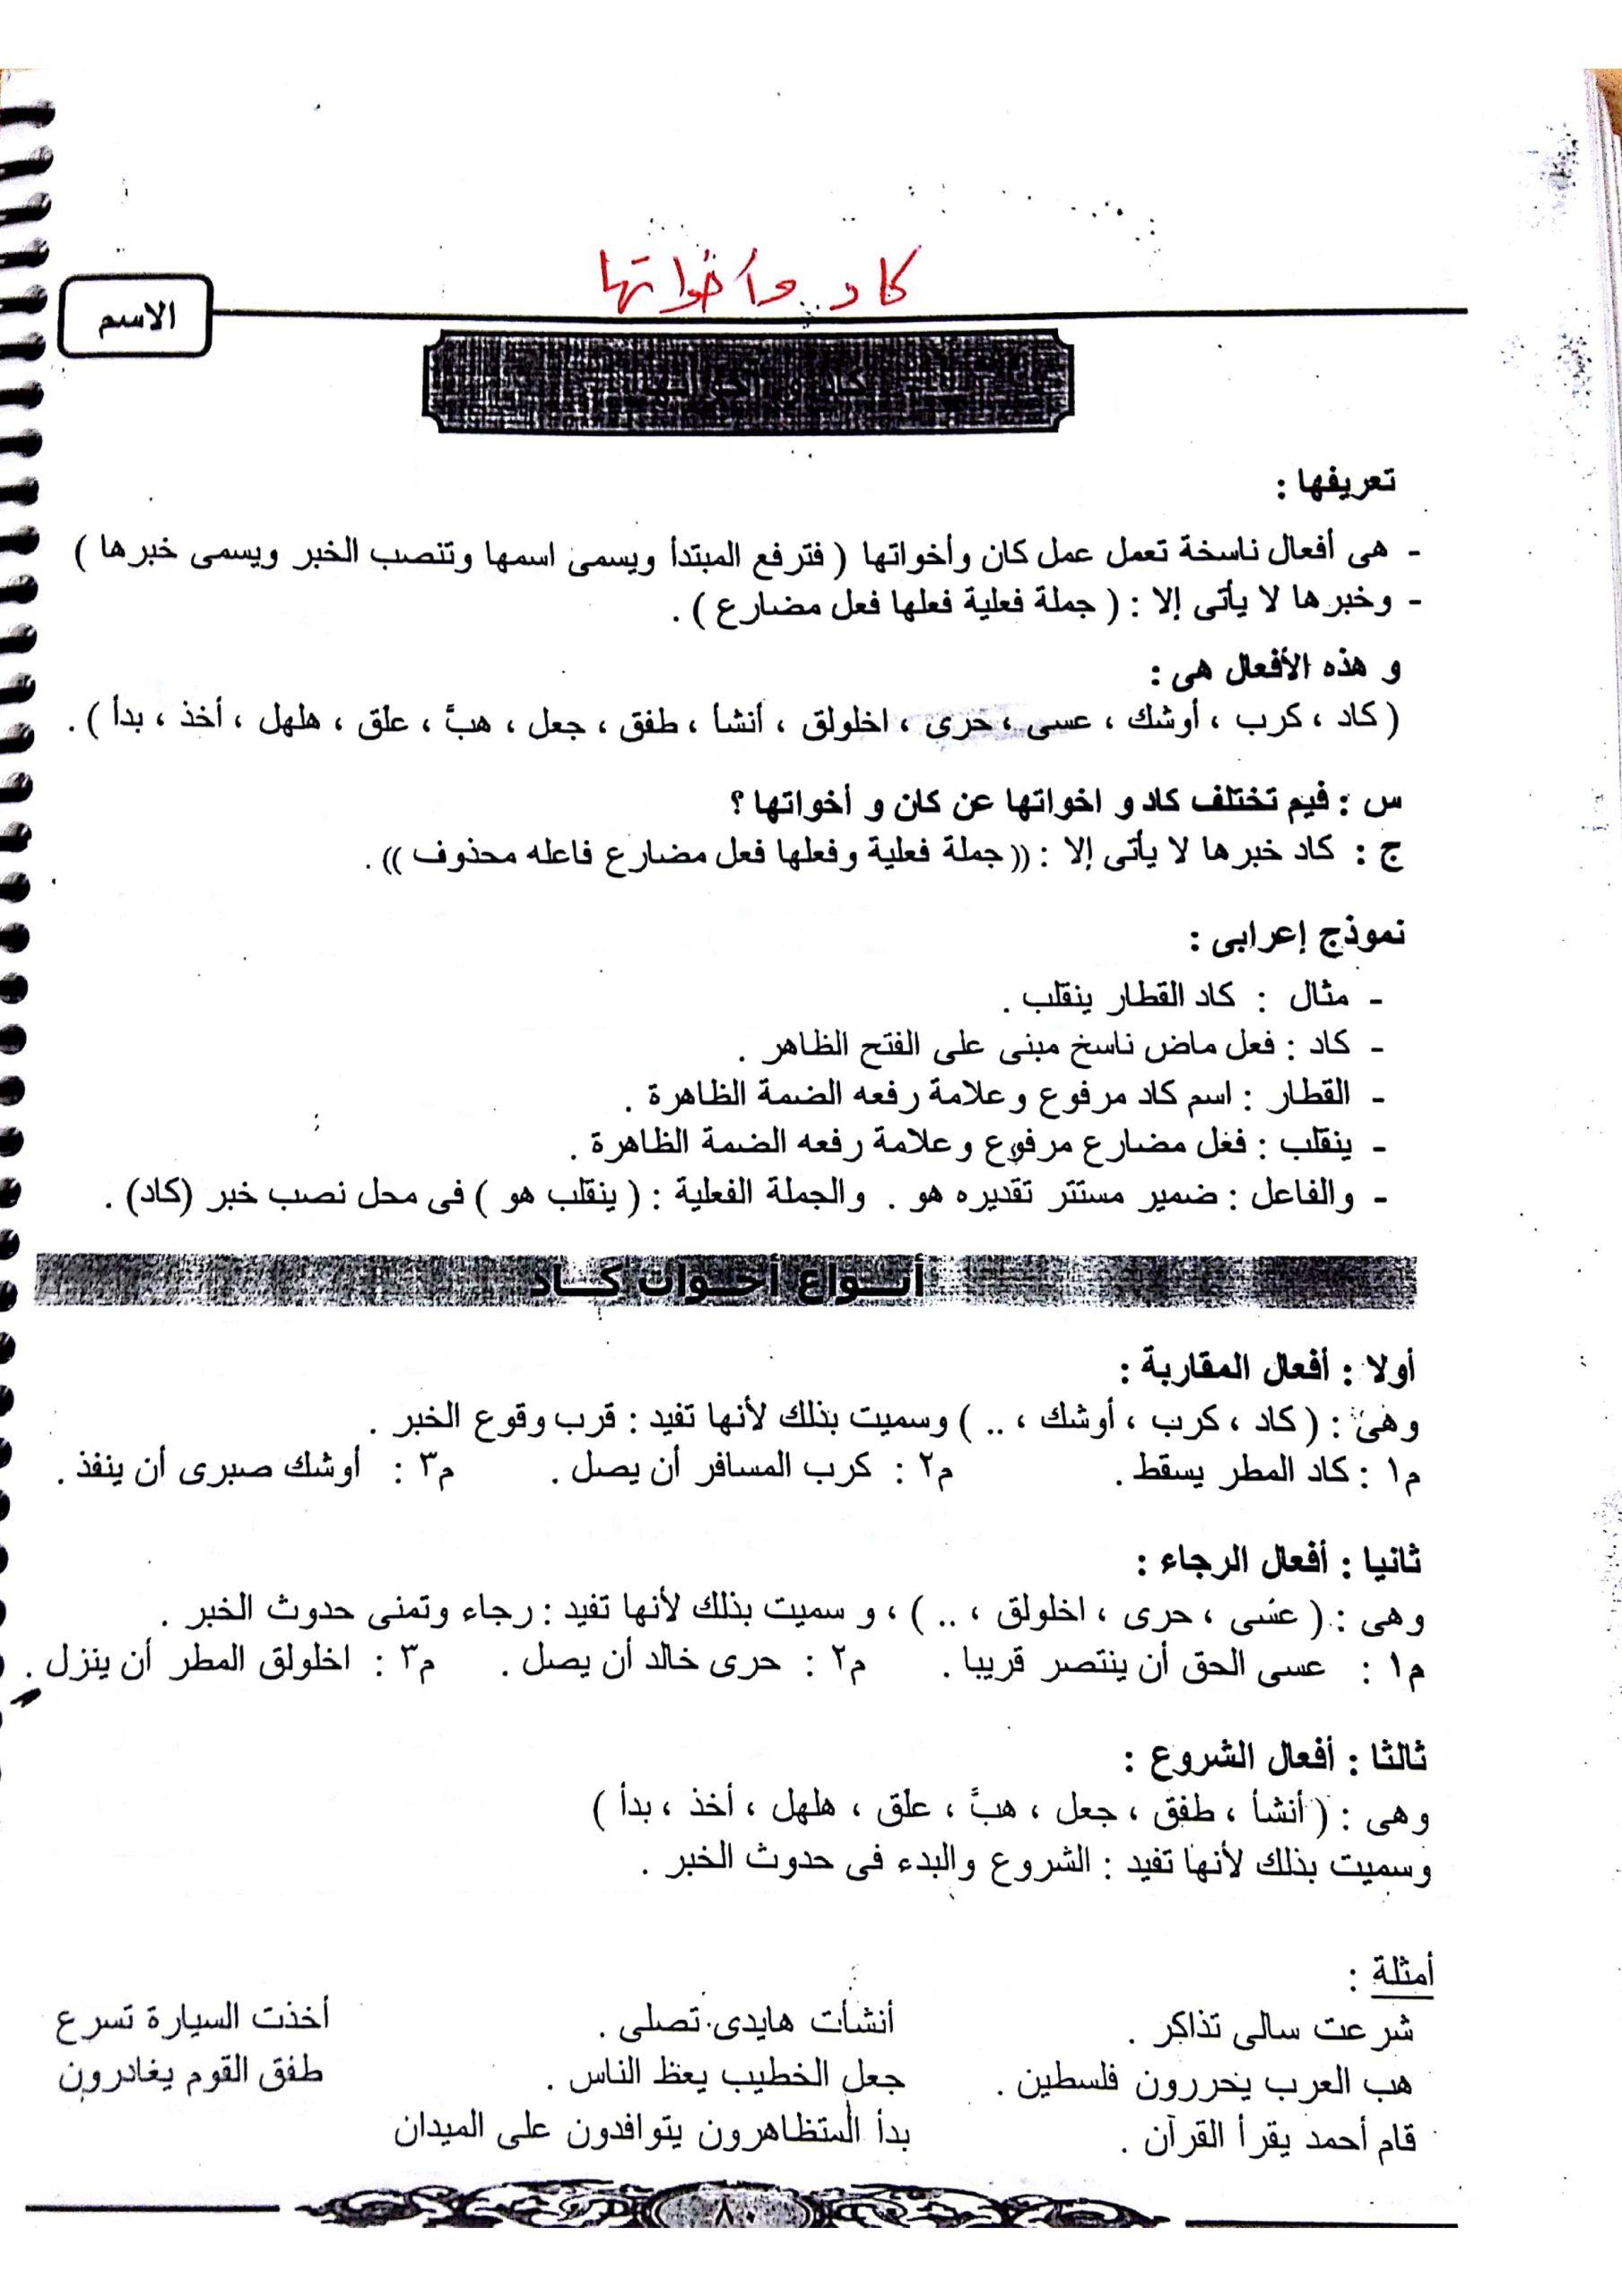 ملخص درس كاد واخواتها الصف الثاني عشر مادة اللغة العربية